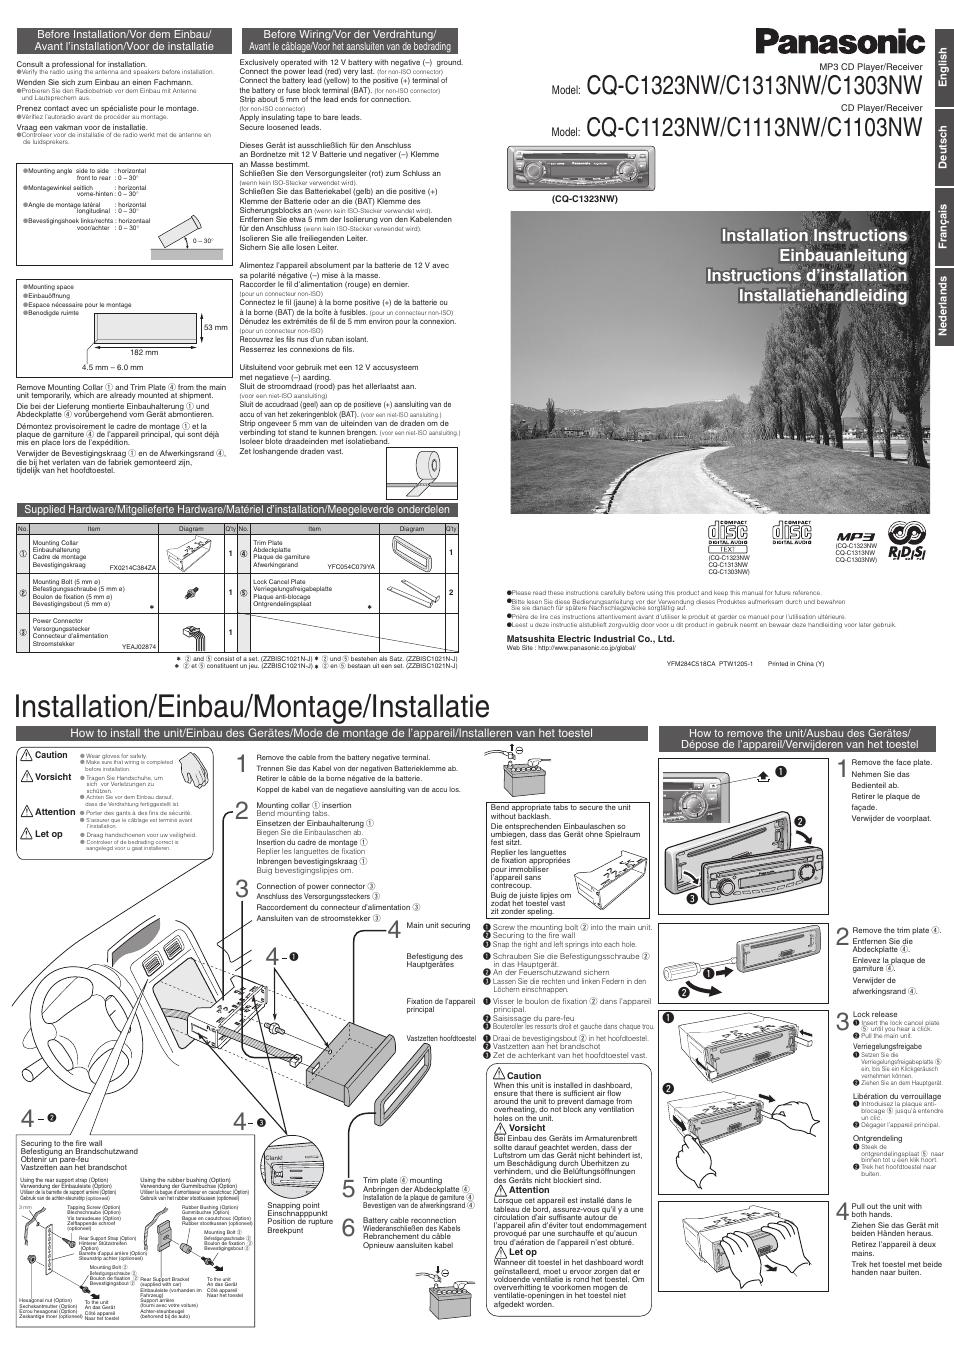 Panasonic Cq Rx100u Wire Schematic Electrical Diagram Schematics Cd Wiring Best Image 2018